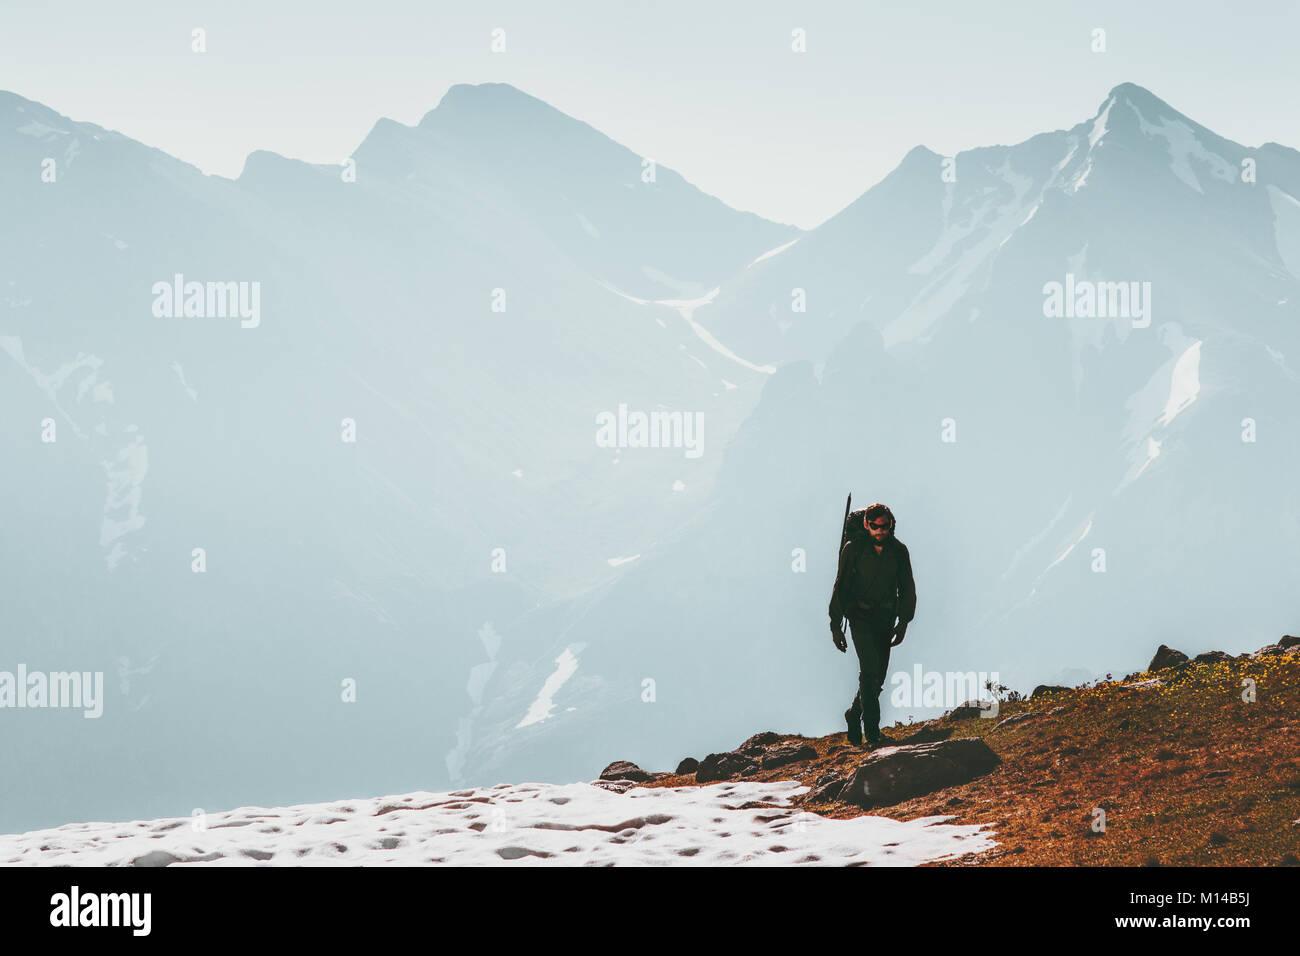 Homme actif randonnée solitaire en montagne Lifestyle travel concept de survie en plein air aventure vacances Photo Stock